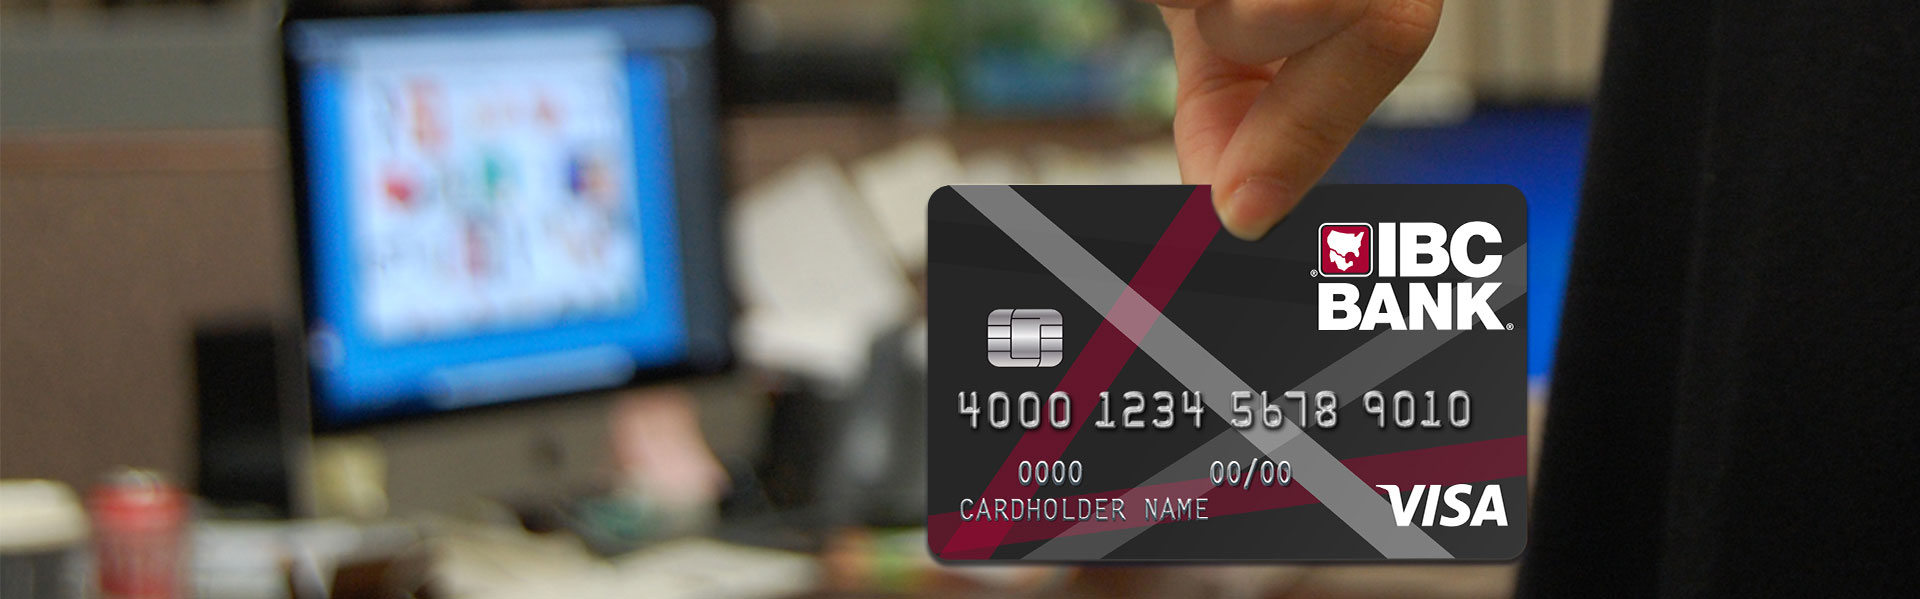 IBC Bank Bank Cards